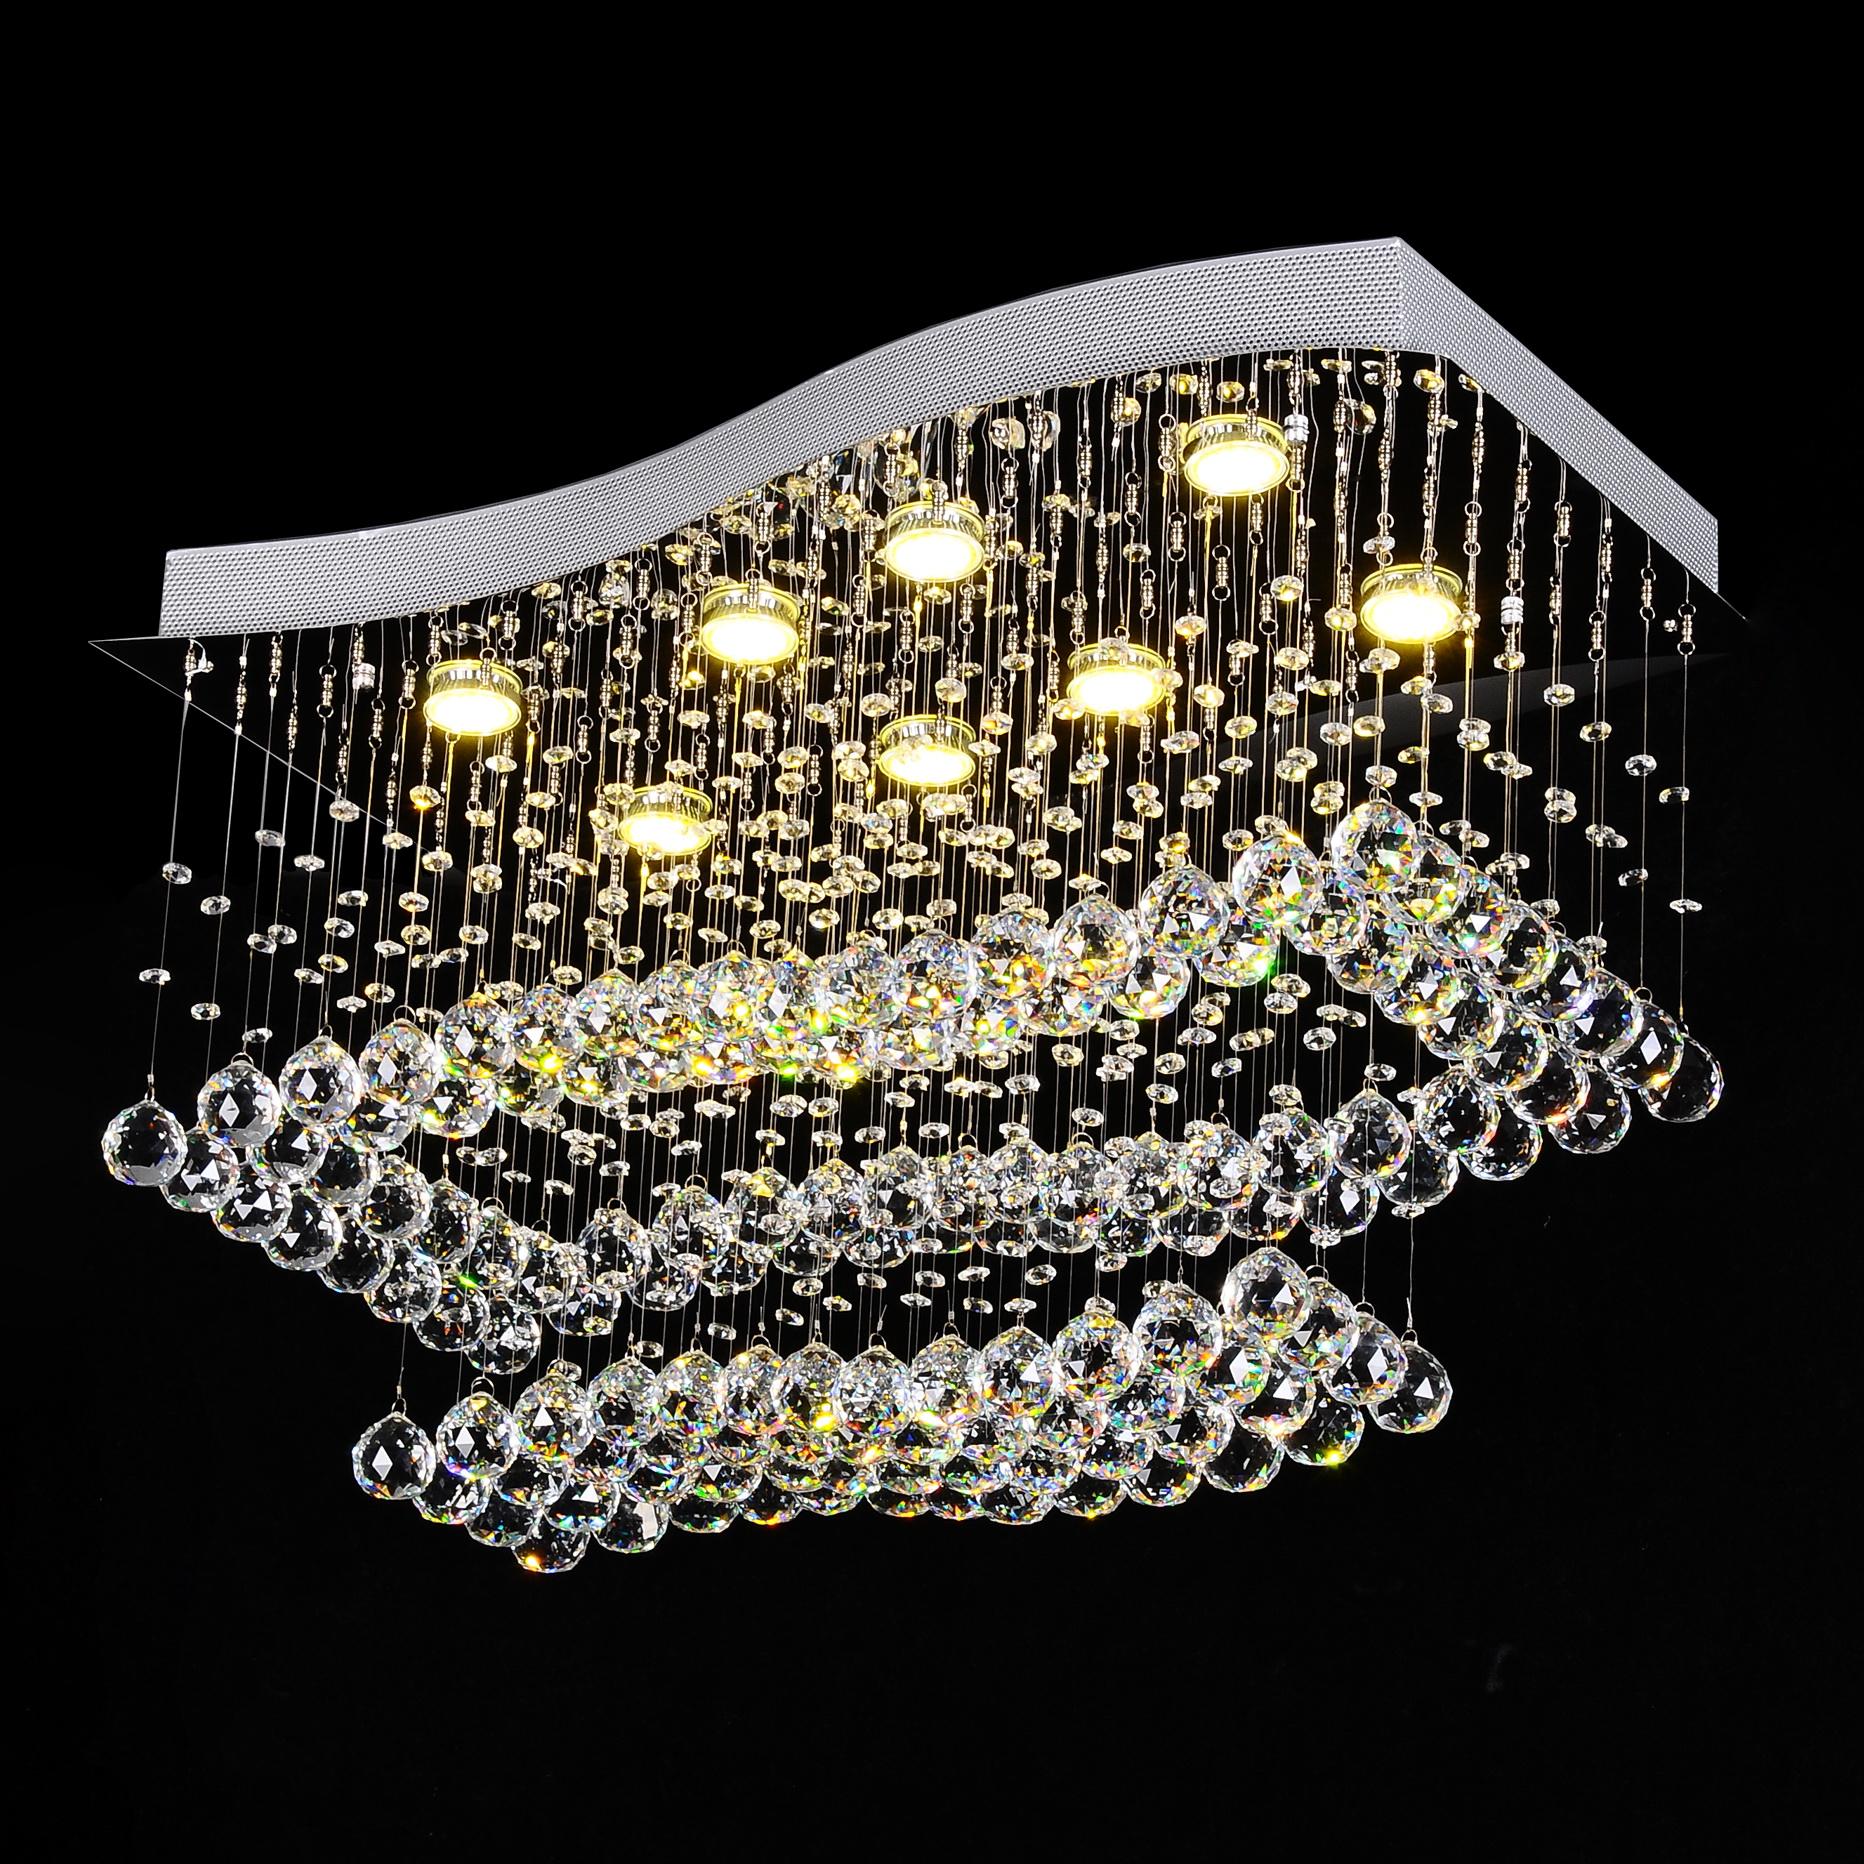 Żyrandol kryształowy 75x42x53cm 8xGU10 B010